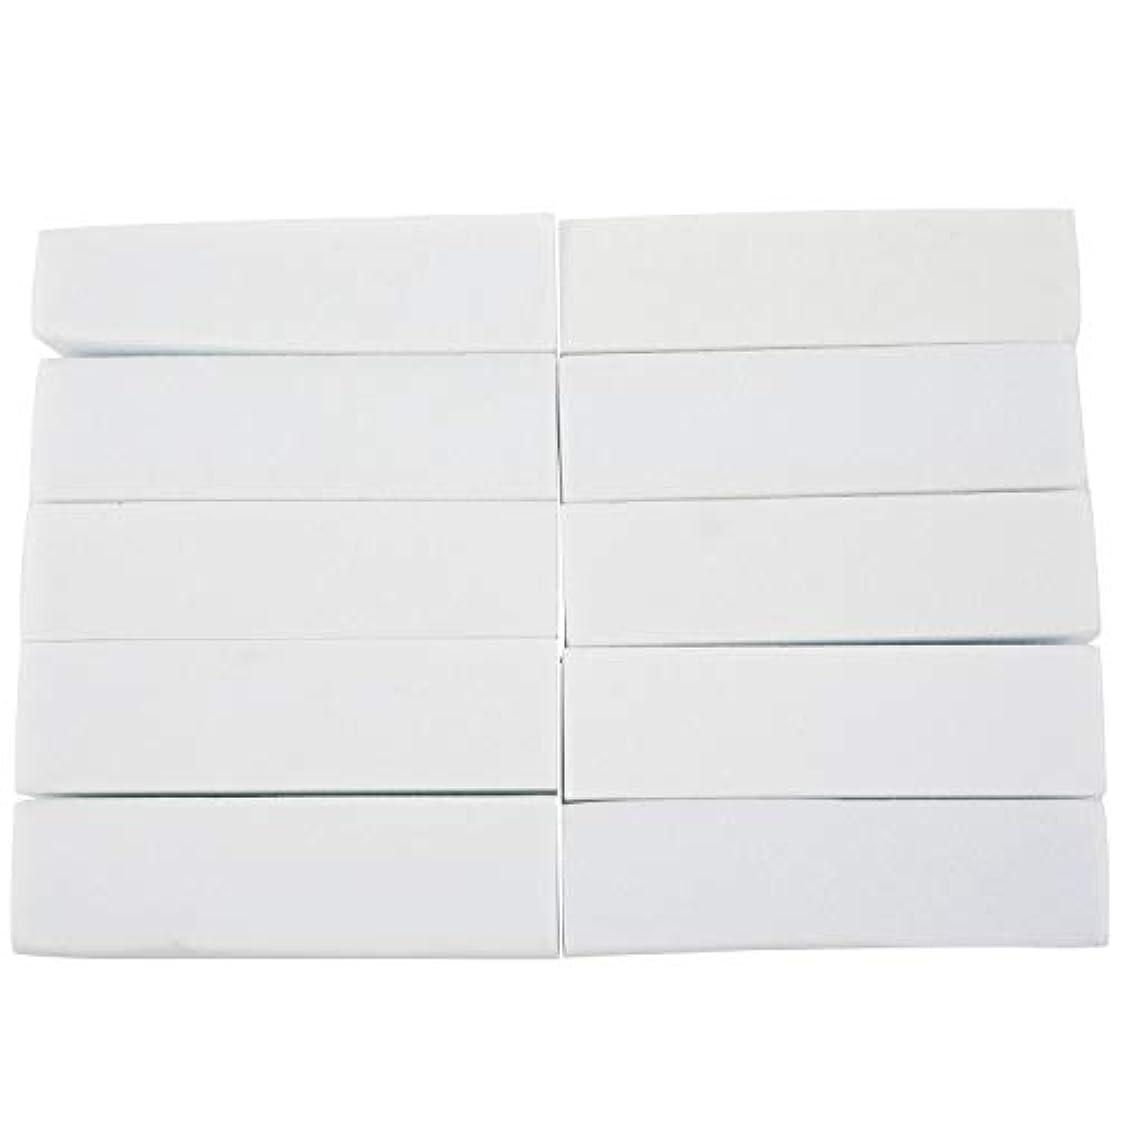 メーカー理容室必要条件upperx 10x白いのアクリルネイルアートのバフ研磨のツール、マニキュアツール